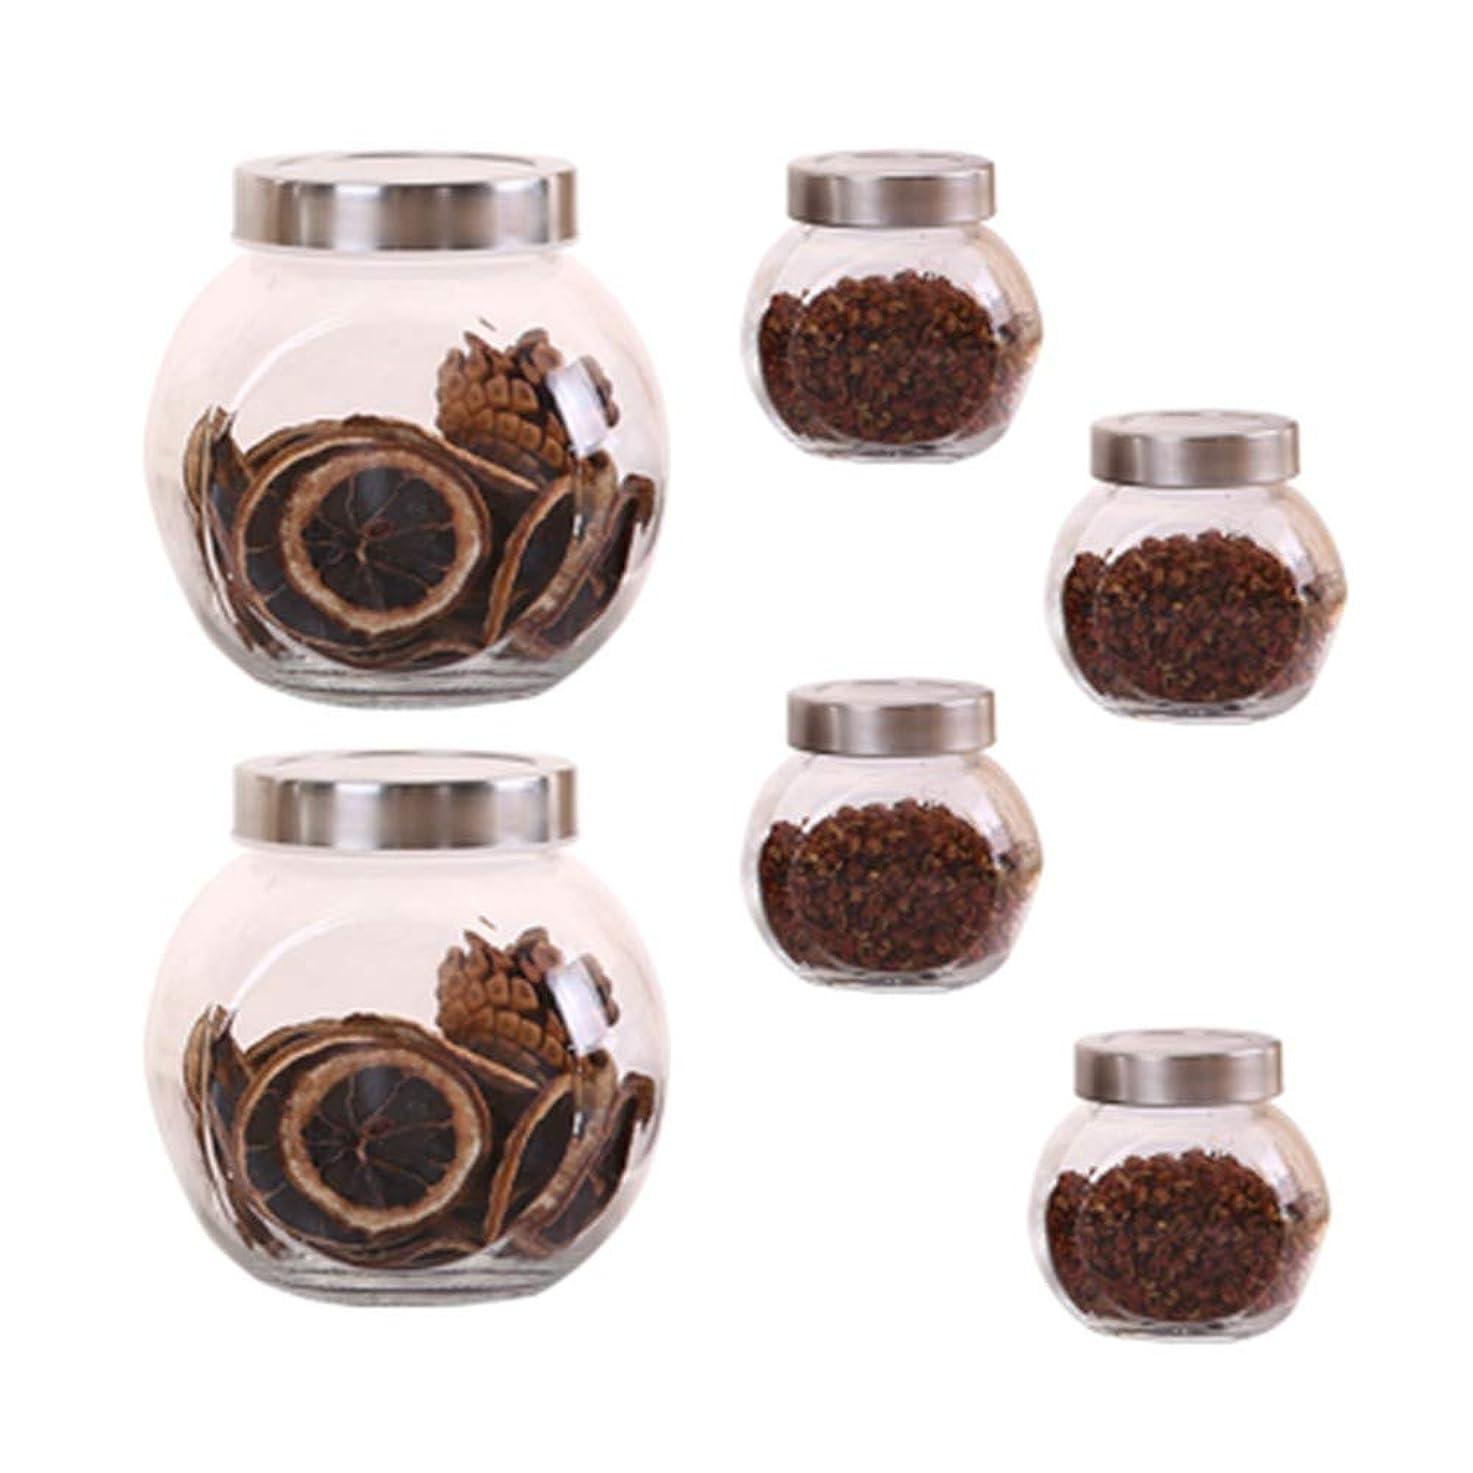 ライバル血適応6個の鉛フリーガラスドライフルーツシール保湿ストレージジャーのストレージジャーパック(6パック)